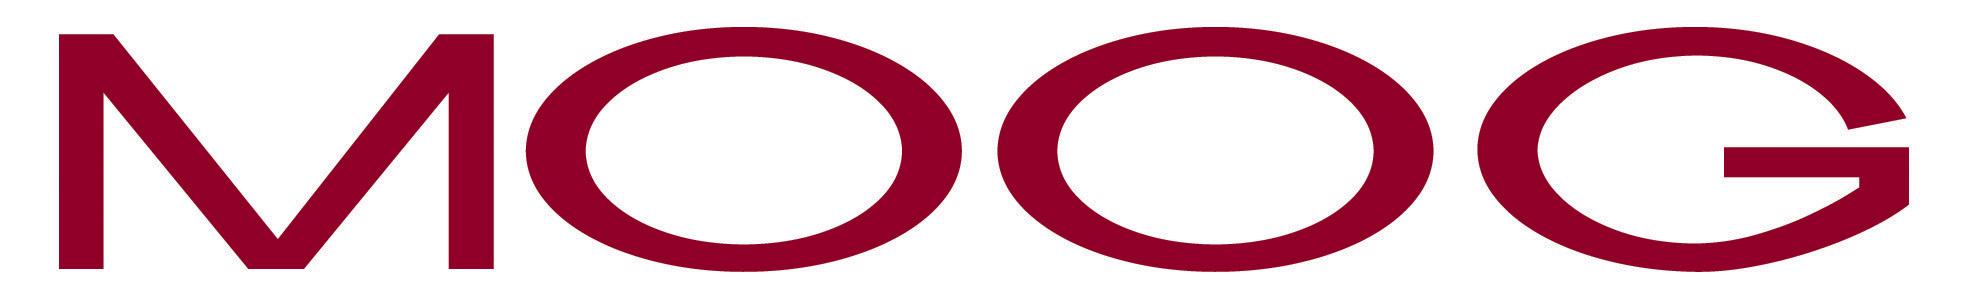 Moog_logo_maroon.jpg